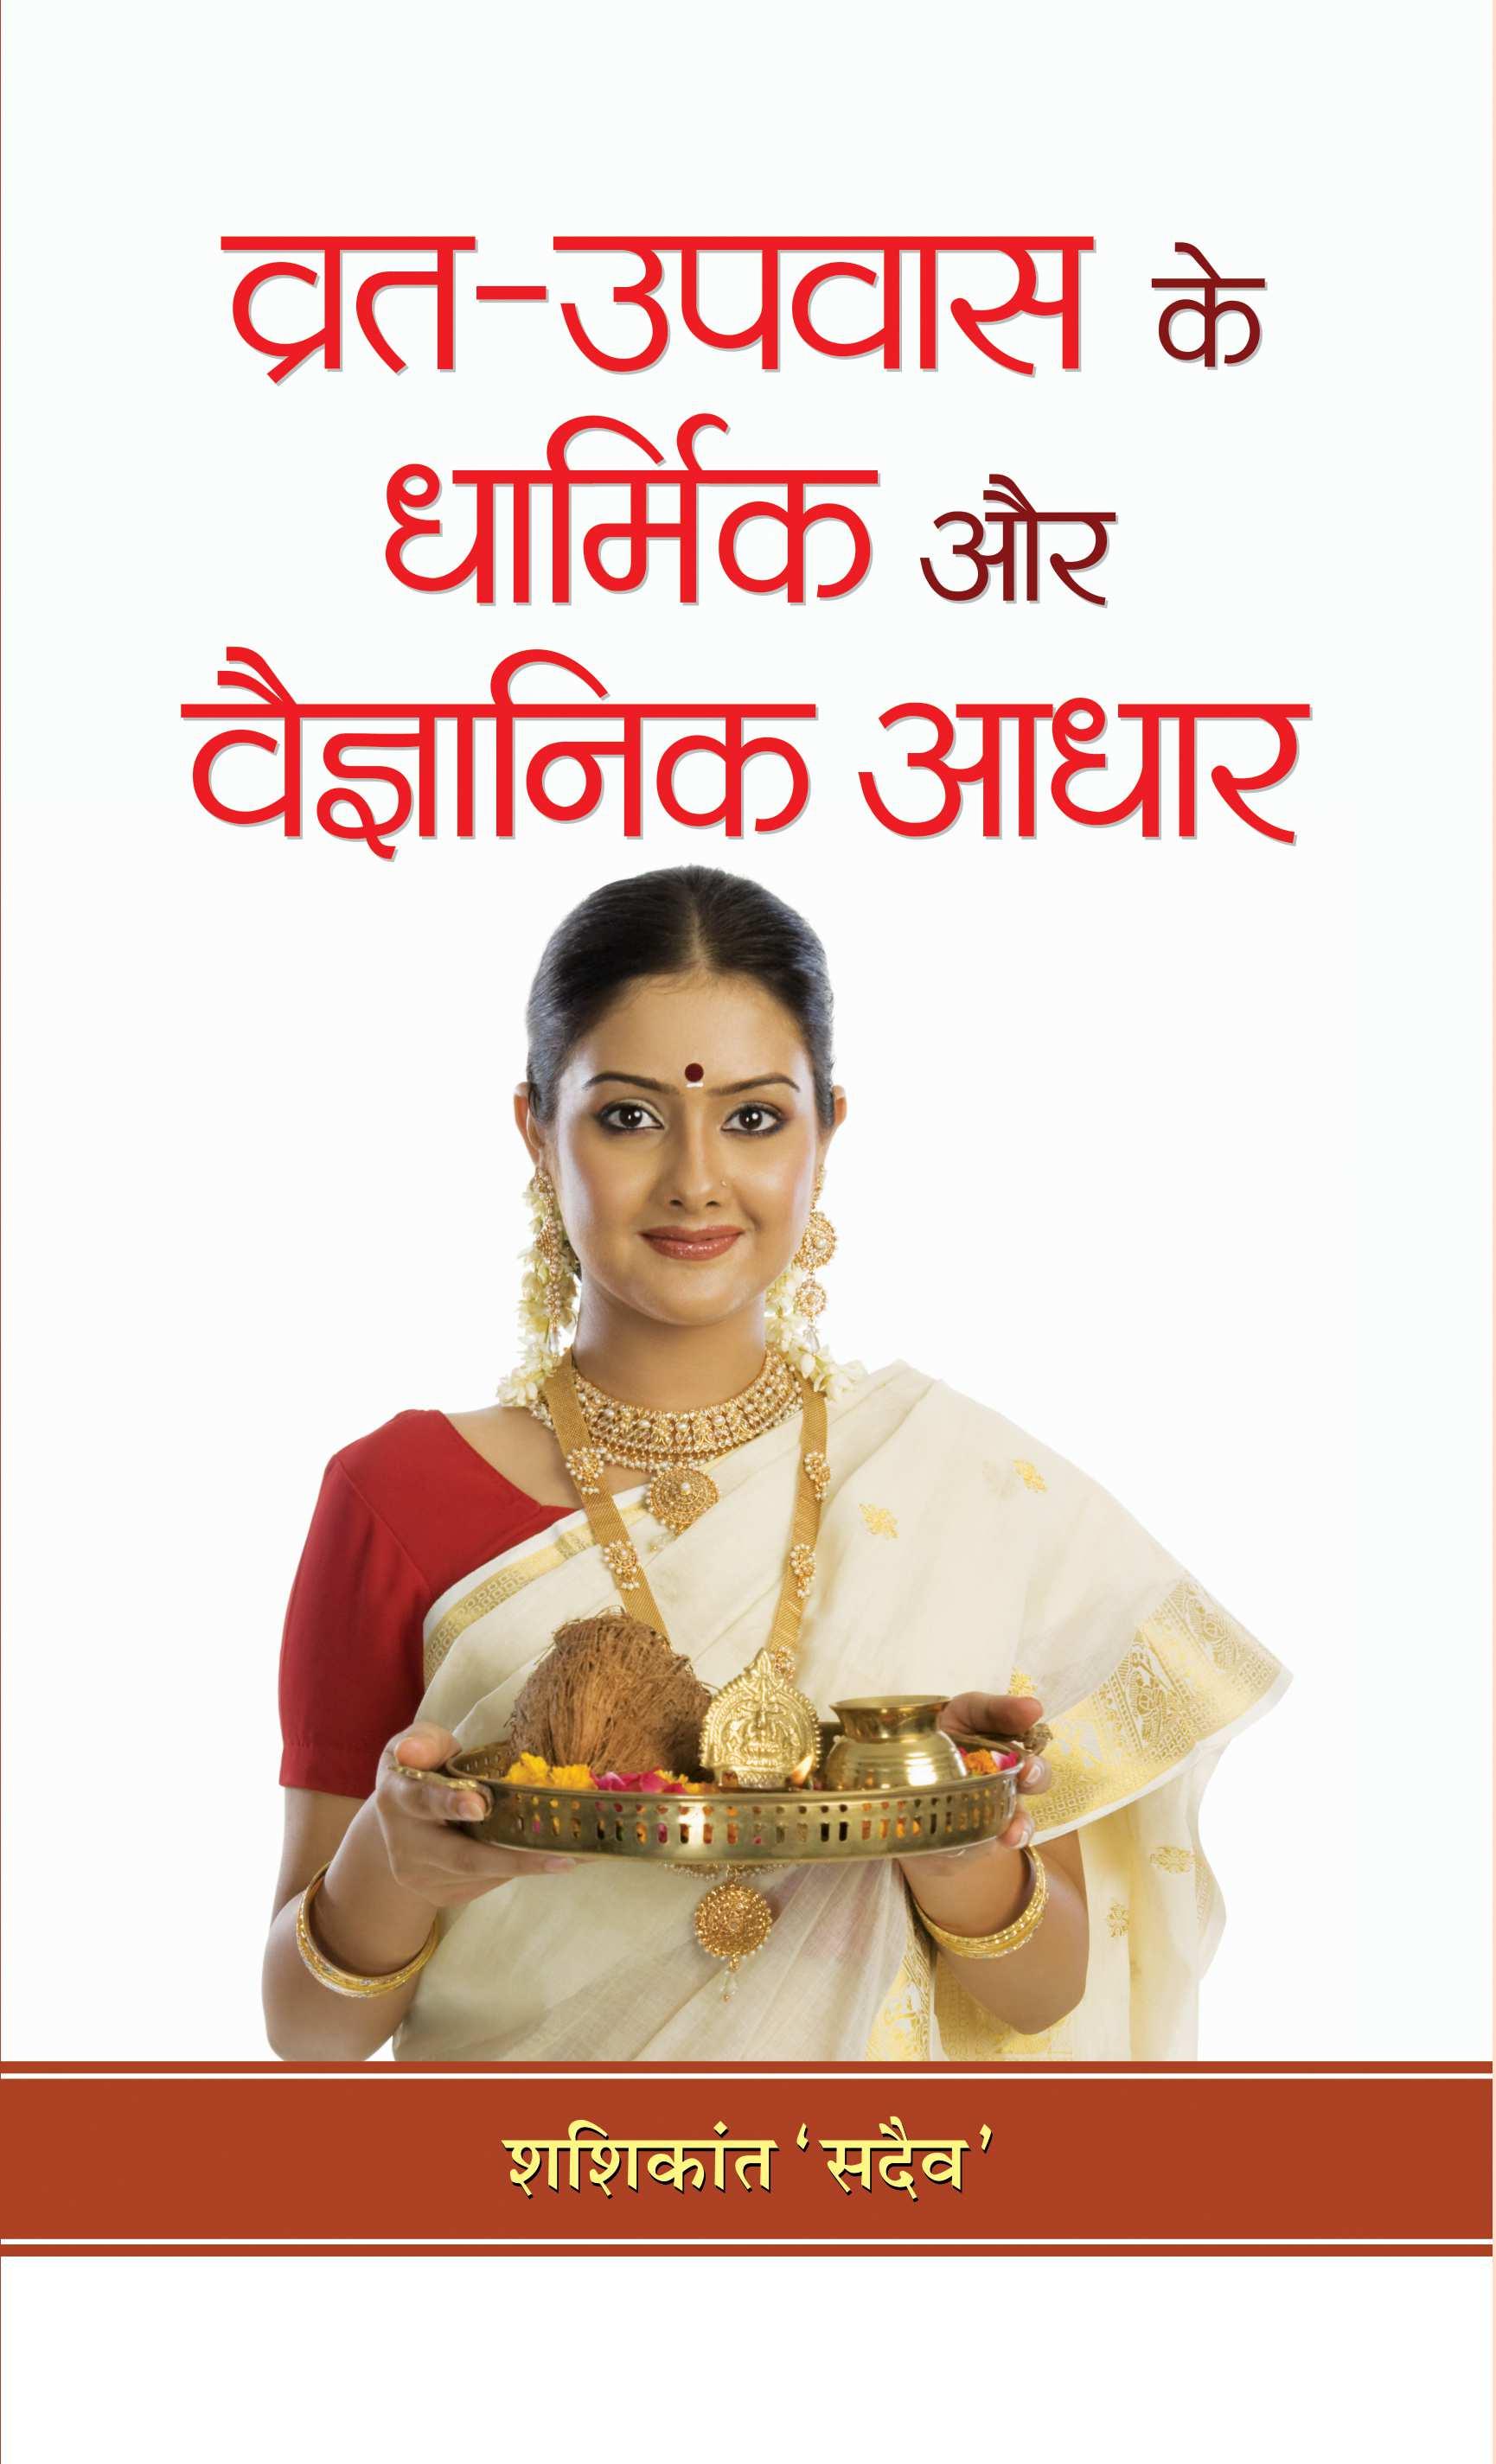 Vrat-Upvas Ke Dharmik Aur Vaigyanik Adhar